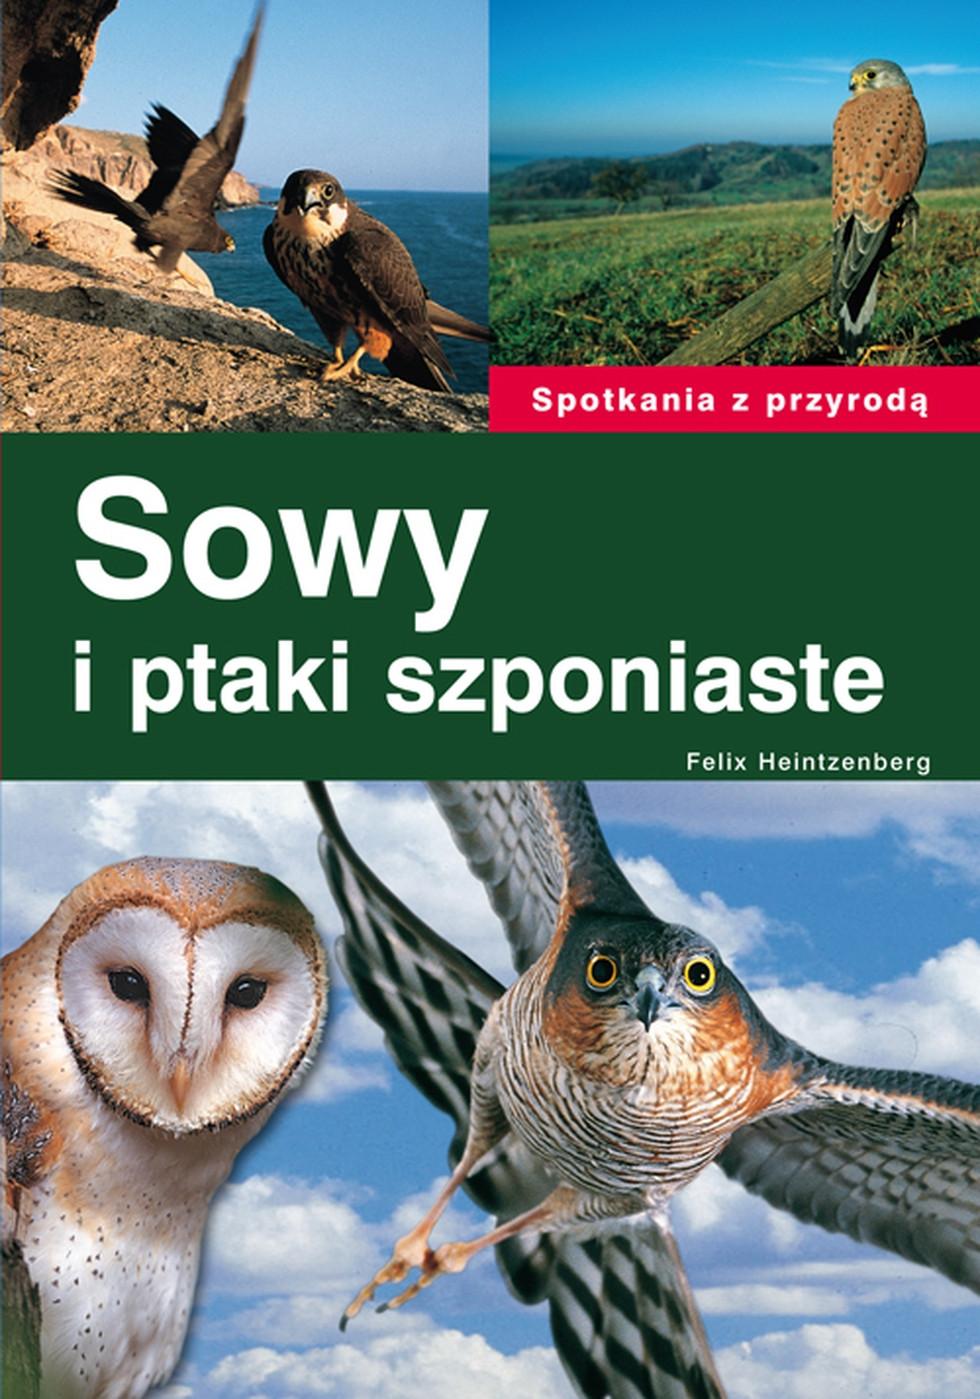 Sowy i ptaki szponiaste